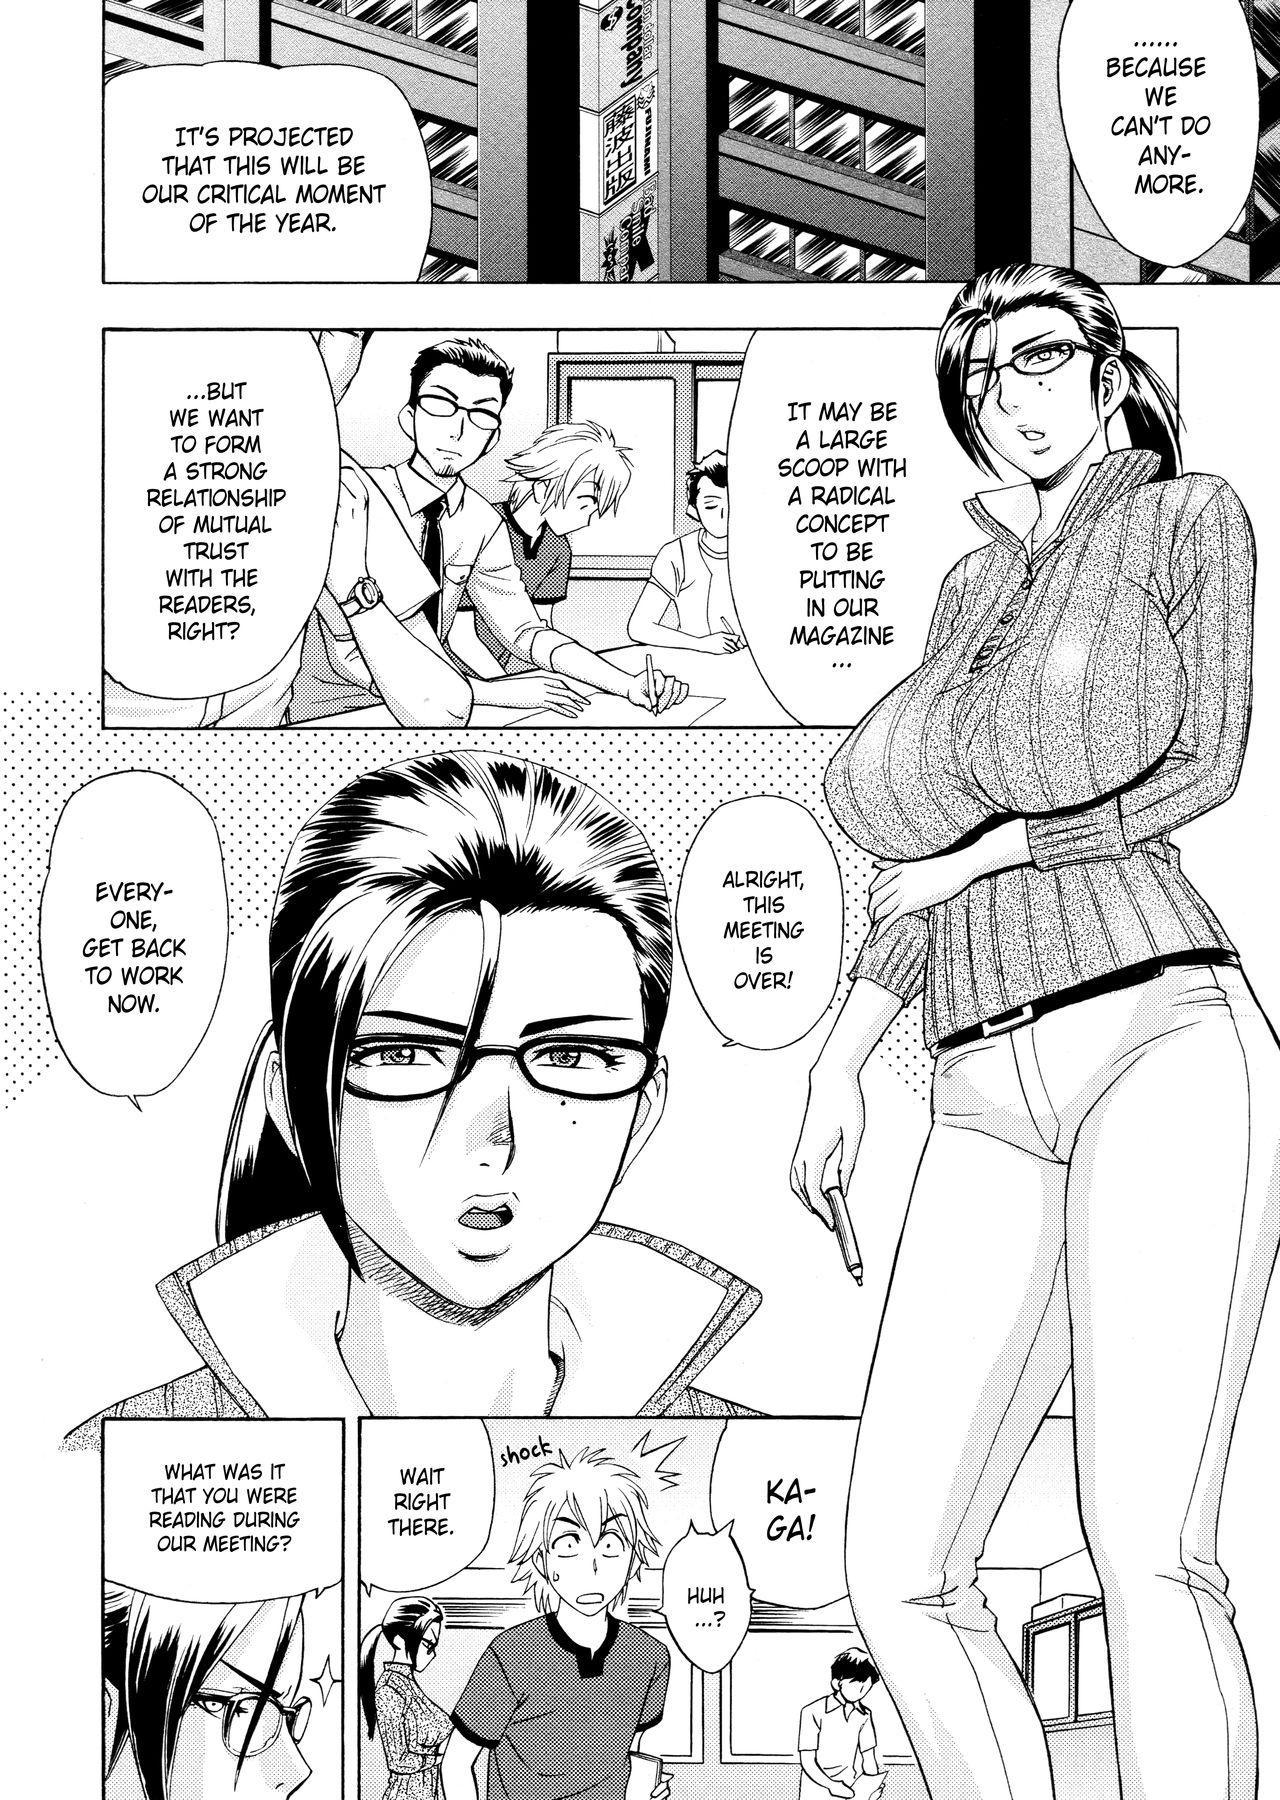 [Tatsunami Youtoku, Yamasaki Masato] Bijin Henshuu-chou no Himitsu | Beautiful Editor-in-Chief's Secret Ch. 1-8 [English] [Forbiddenfetish77, Red Vodka, Crystalium, CEDR777] [Decensored] 5